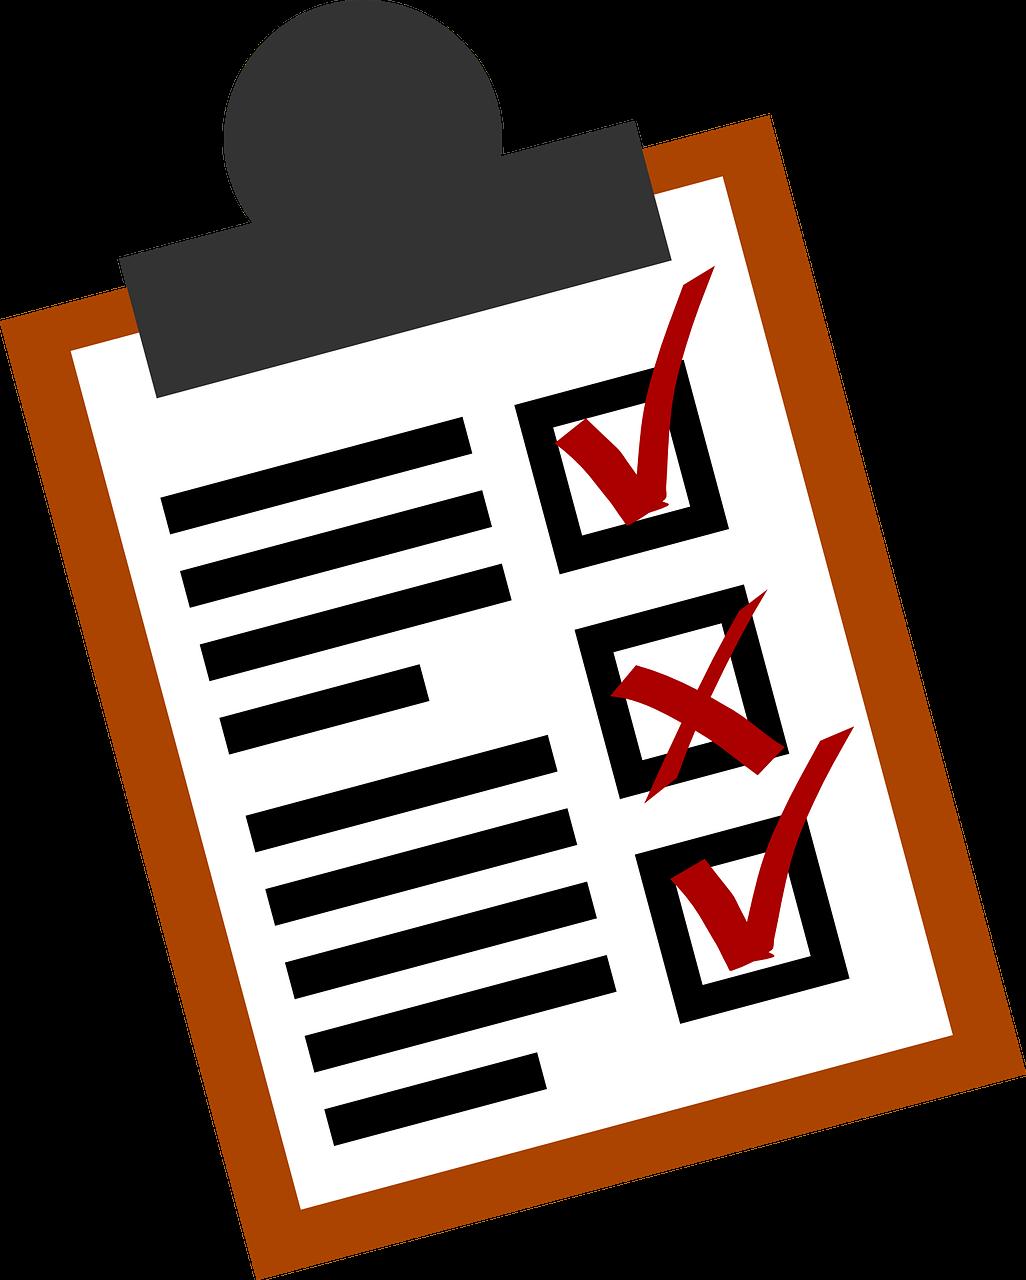 転職の書類選考で通過率を上げる簡単な方法を解説します!!